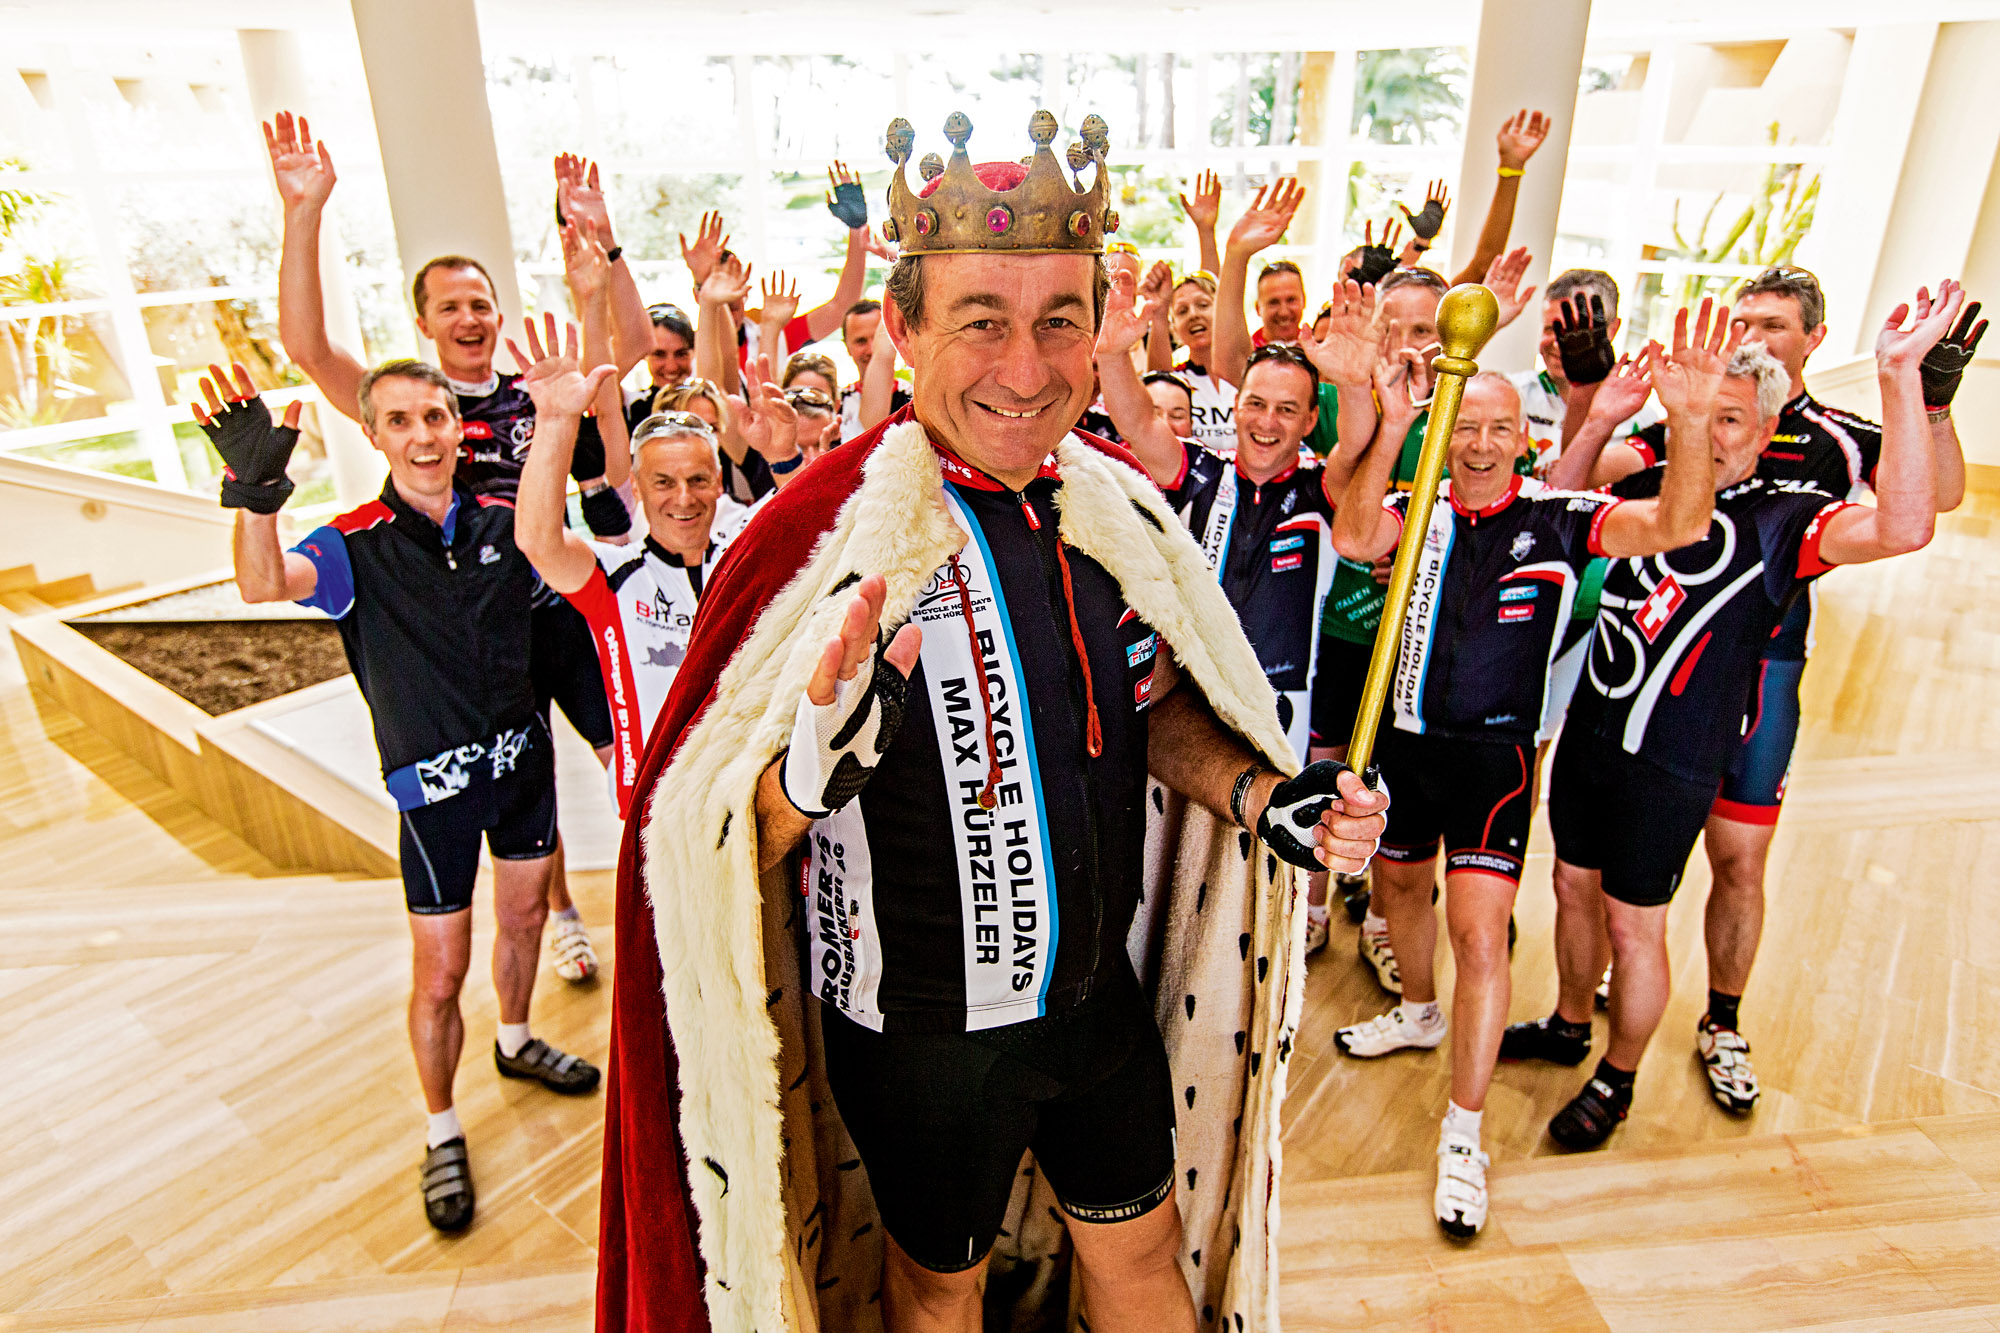 Max Hürzeler steht im Königsgewand vor einer Gruppe Radfahrern